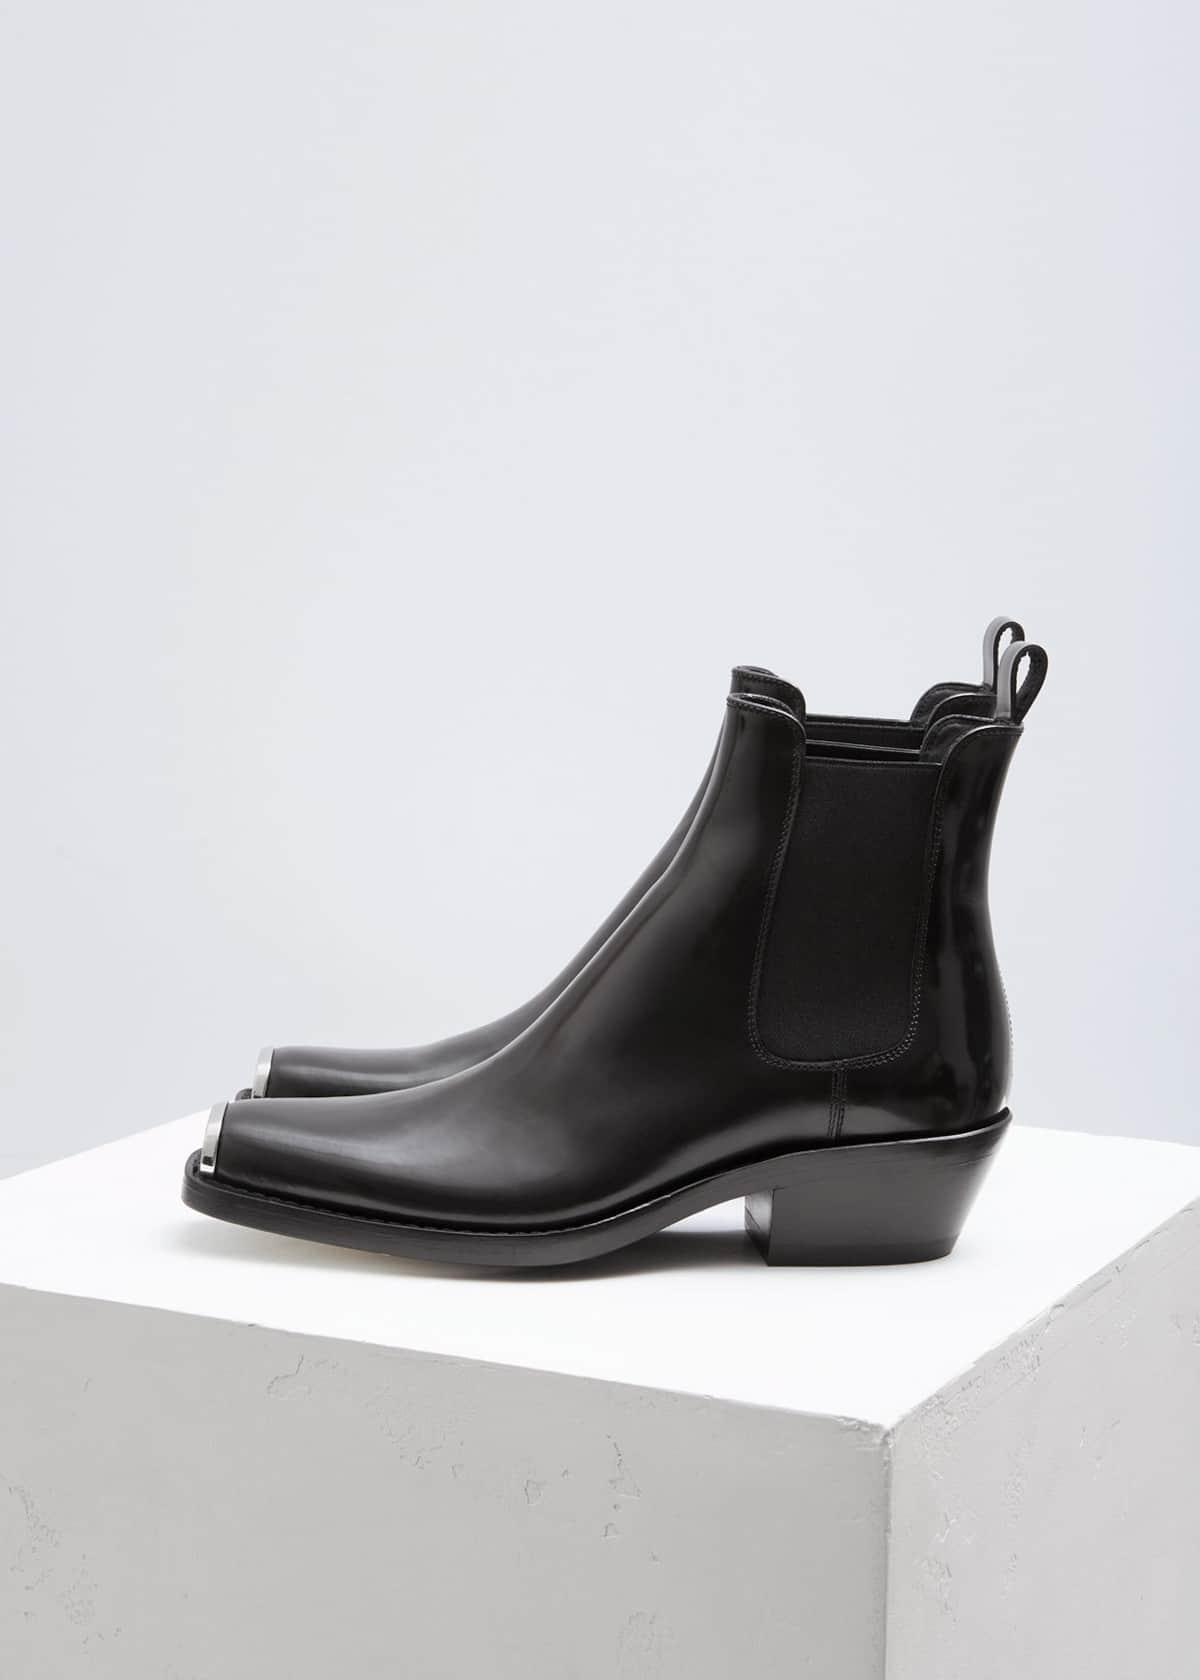 New girl shoe style 2018